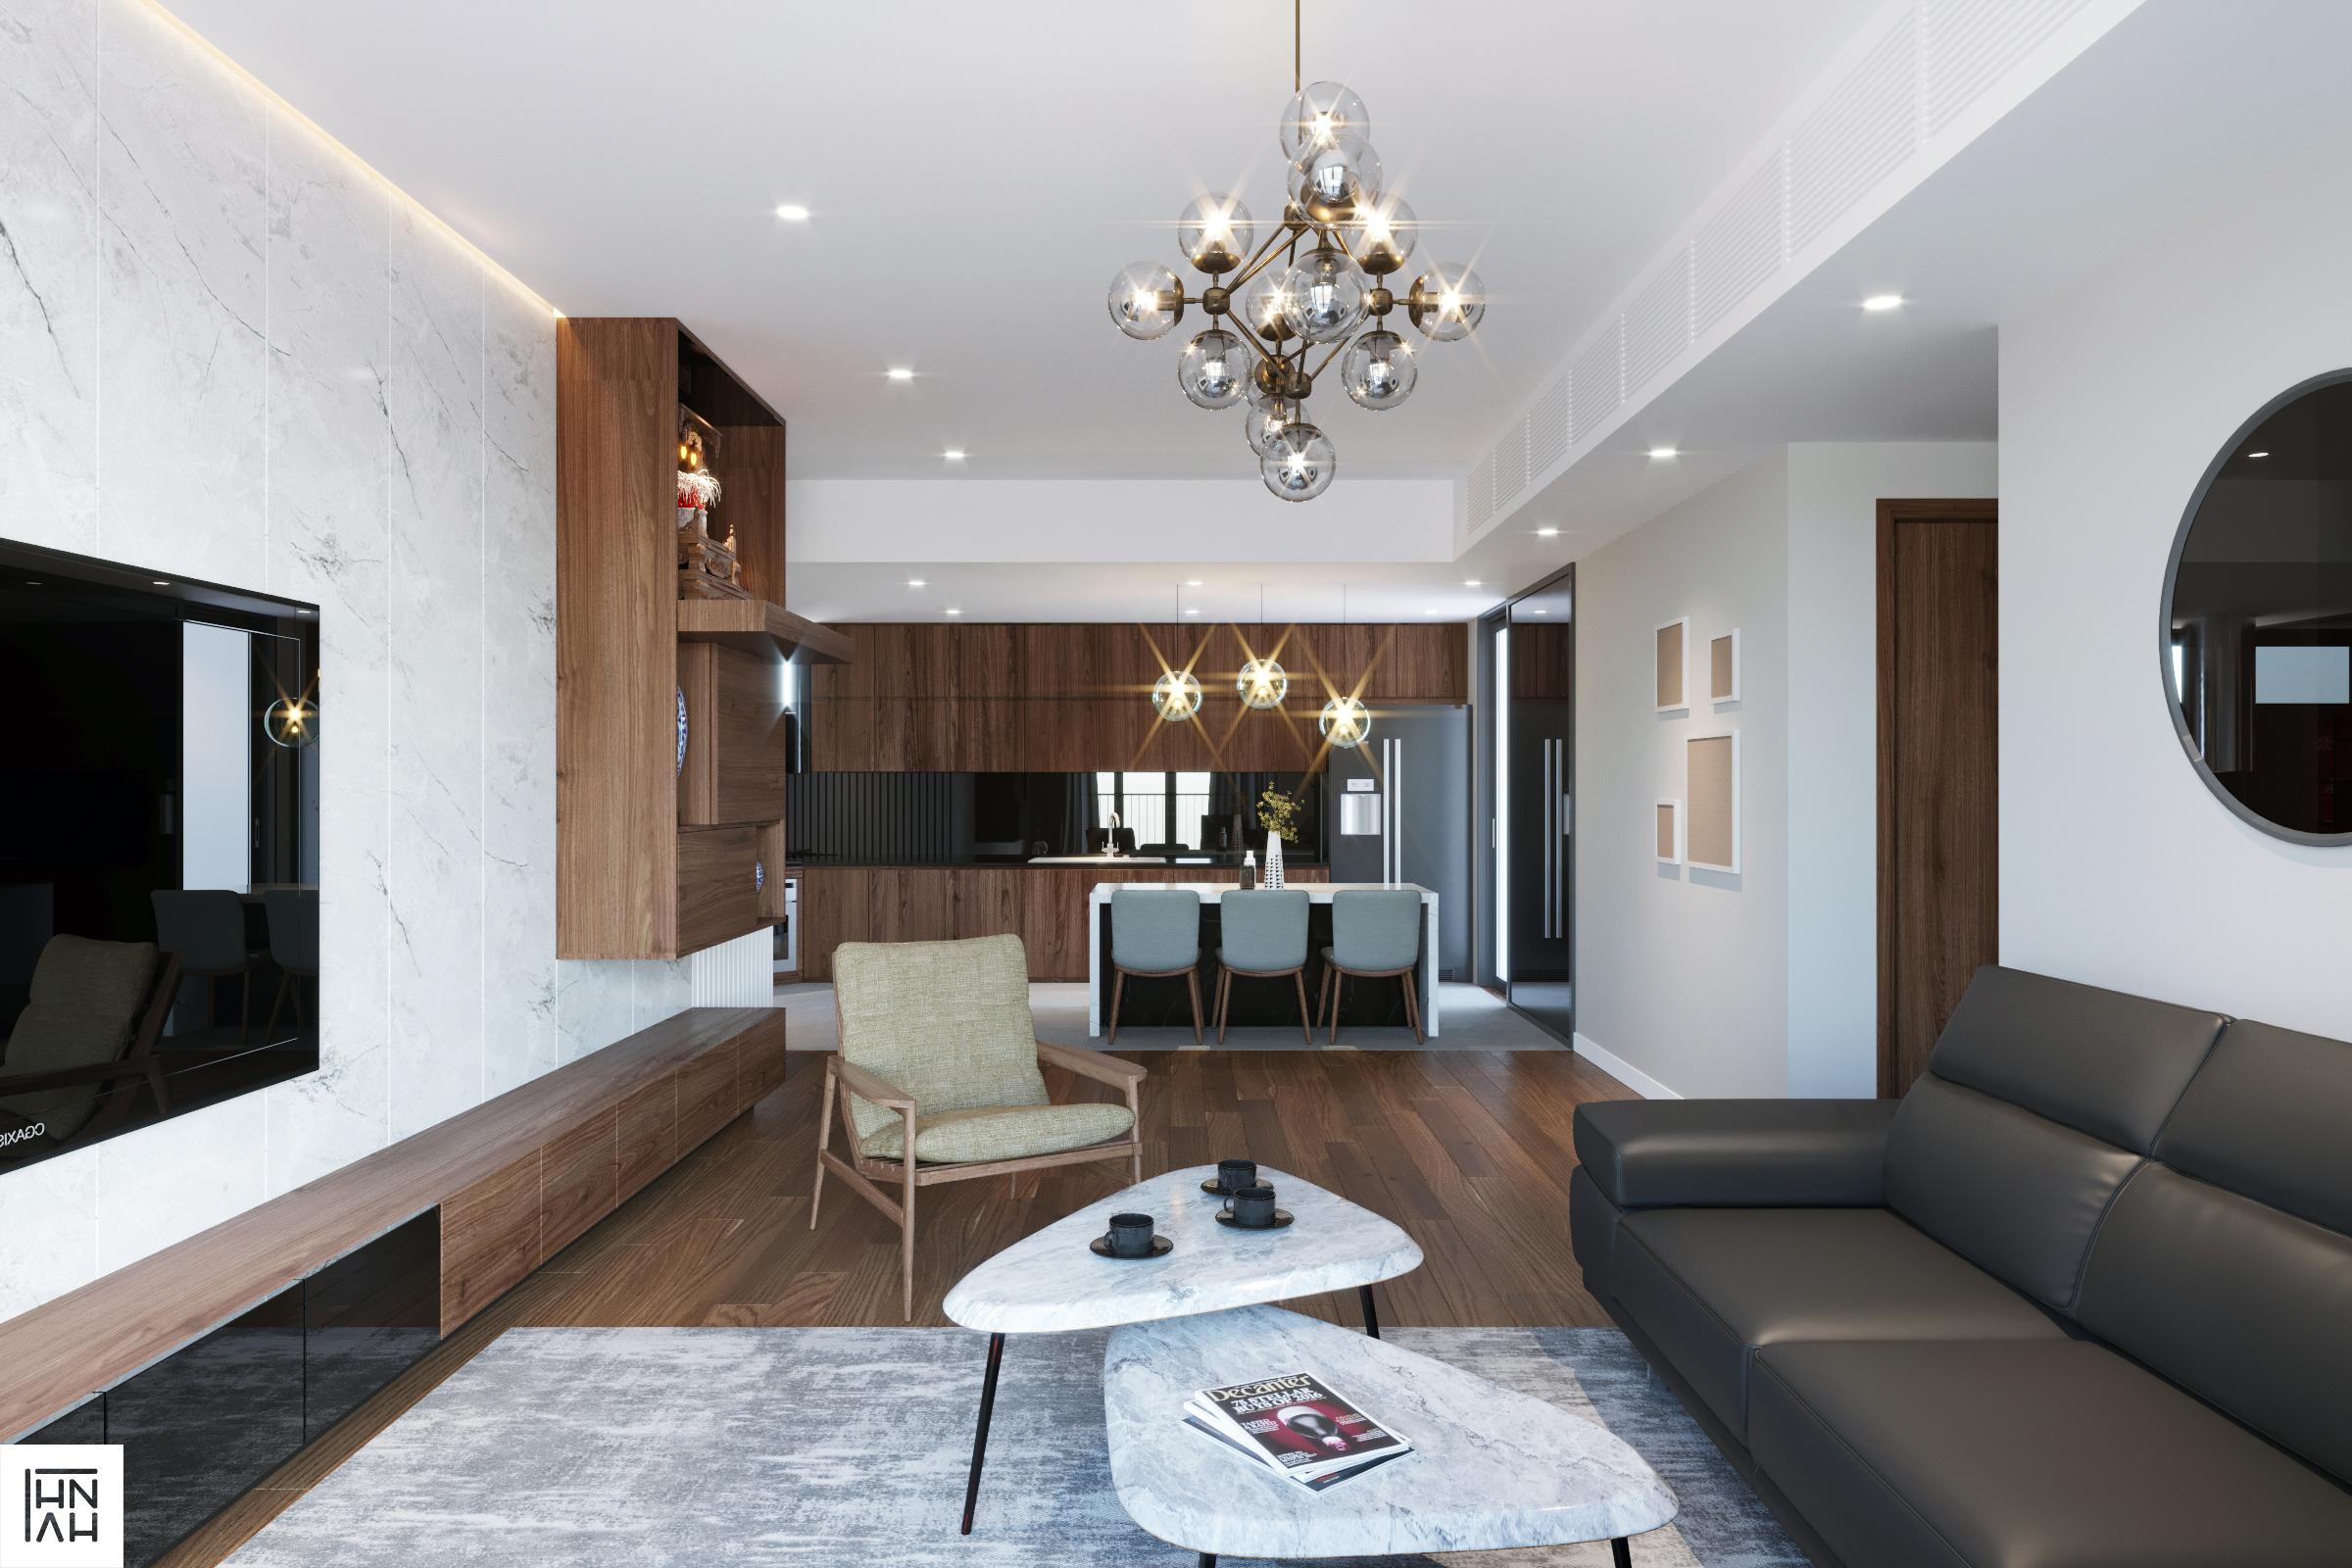 thiết kế nội thất chung cư tại Hà Nội Cuc. Apartment 2 1566896397